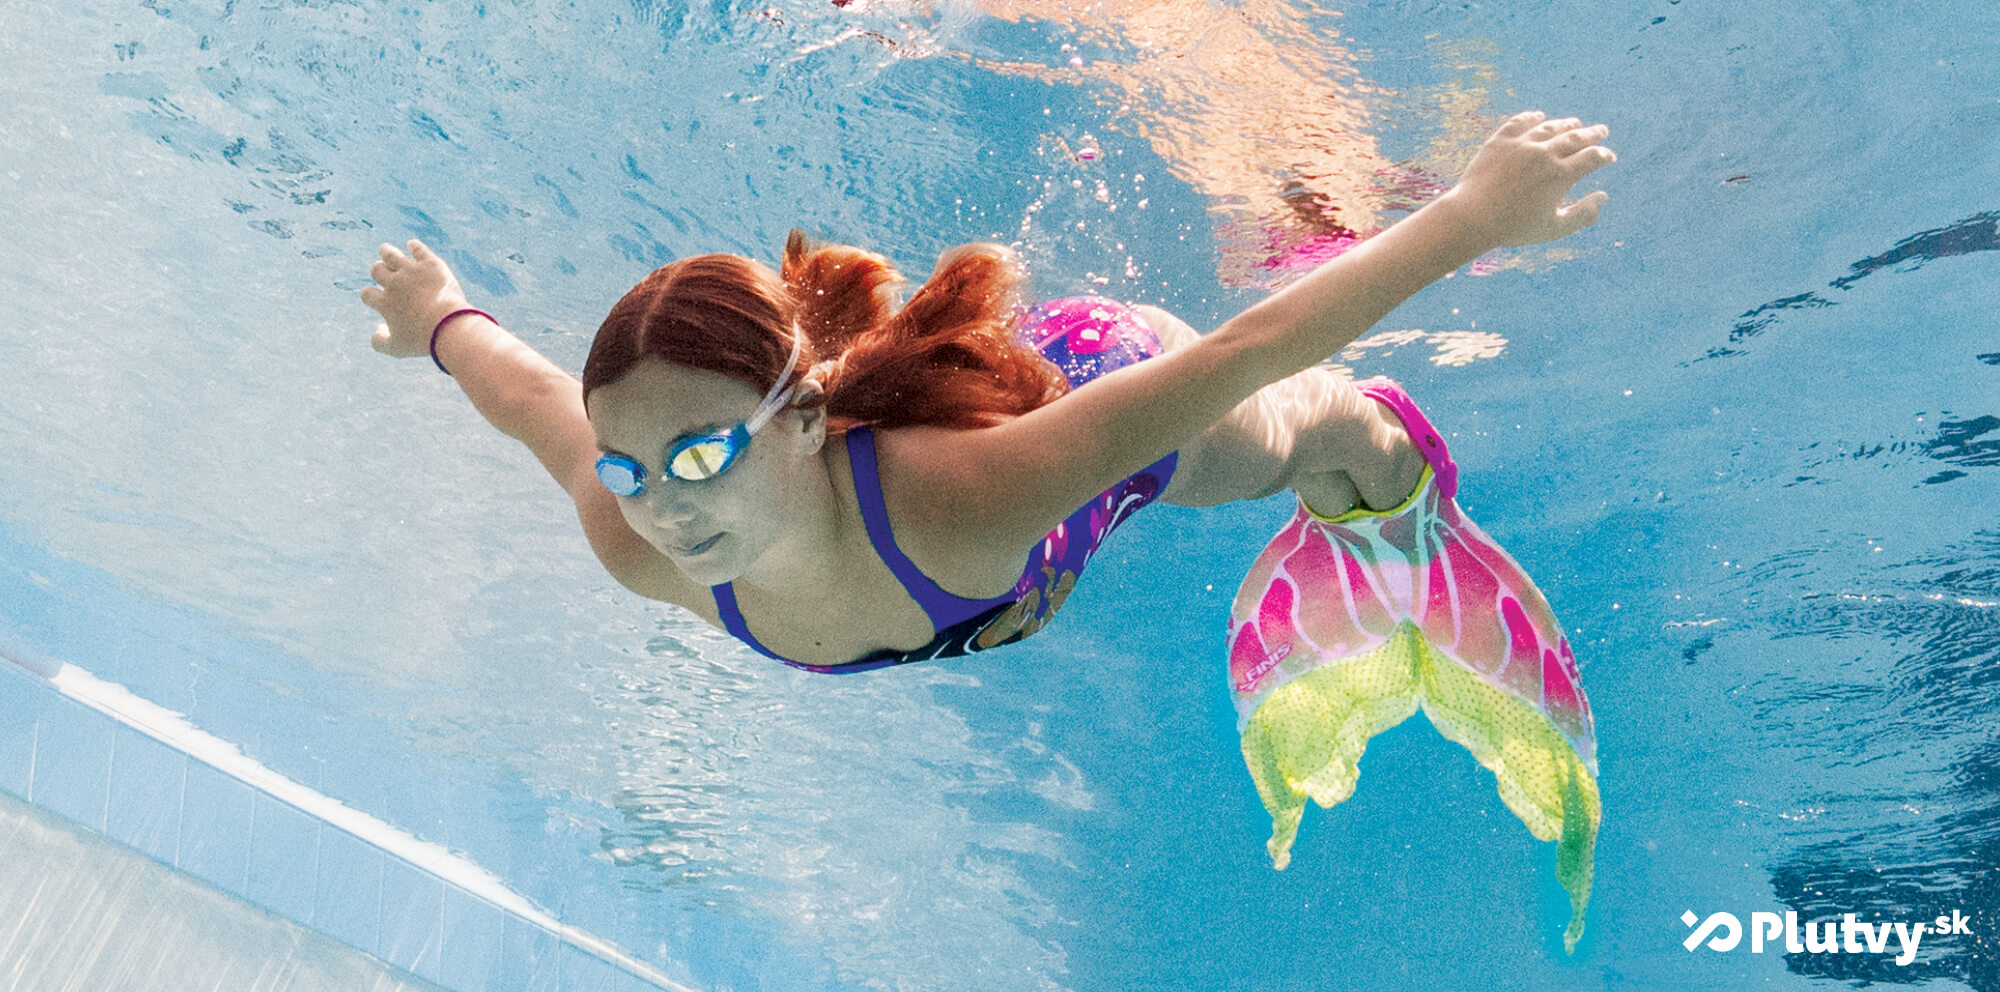 navlek-na-plavecku-monoplutvu-finis-mermaid-fin-pre-morske-panny-plutvy-sk